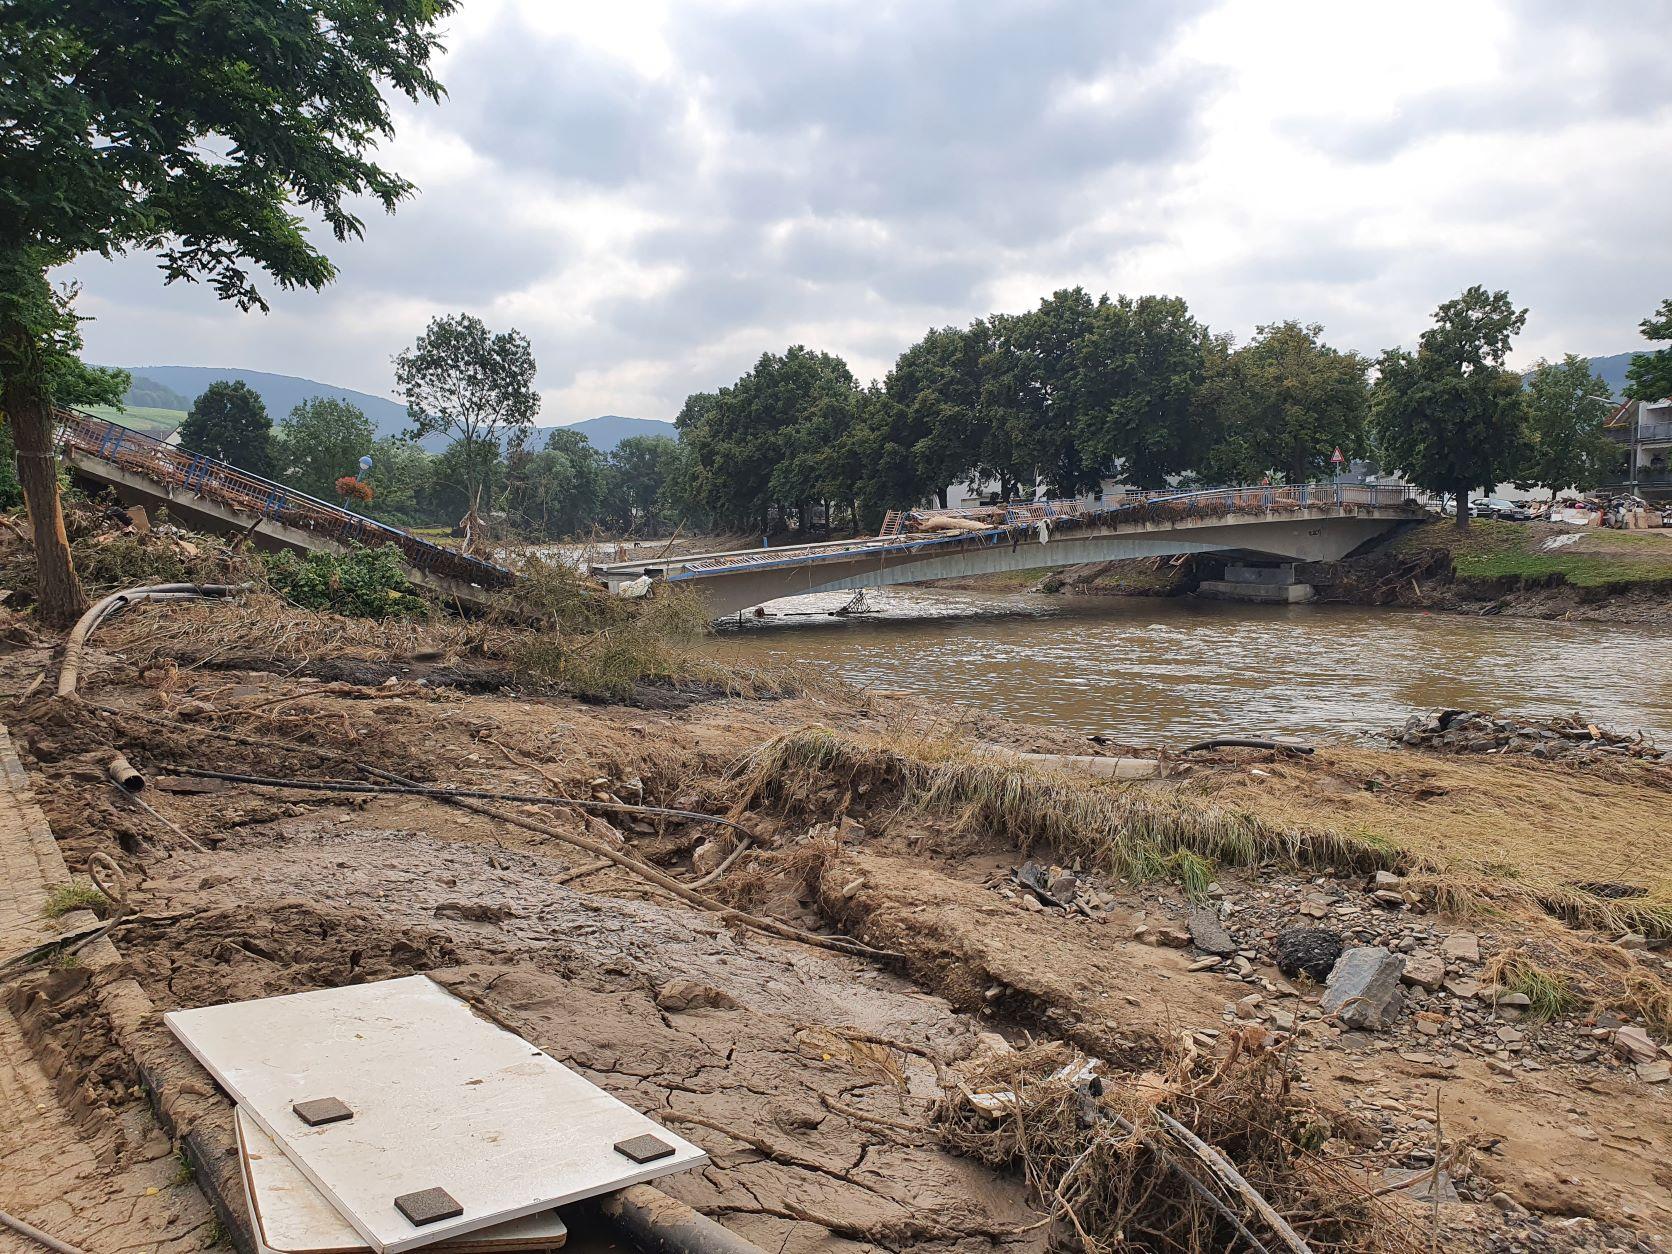 Hochwasserkatastrophe in Rheinland-Pfalz